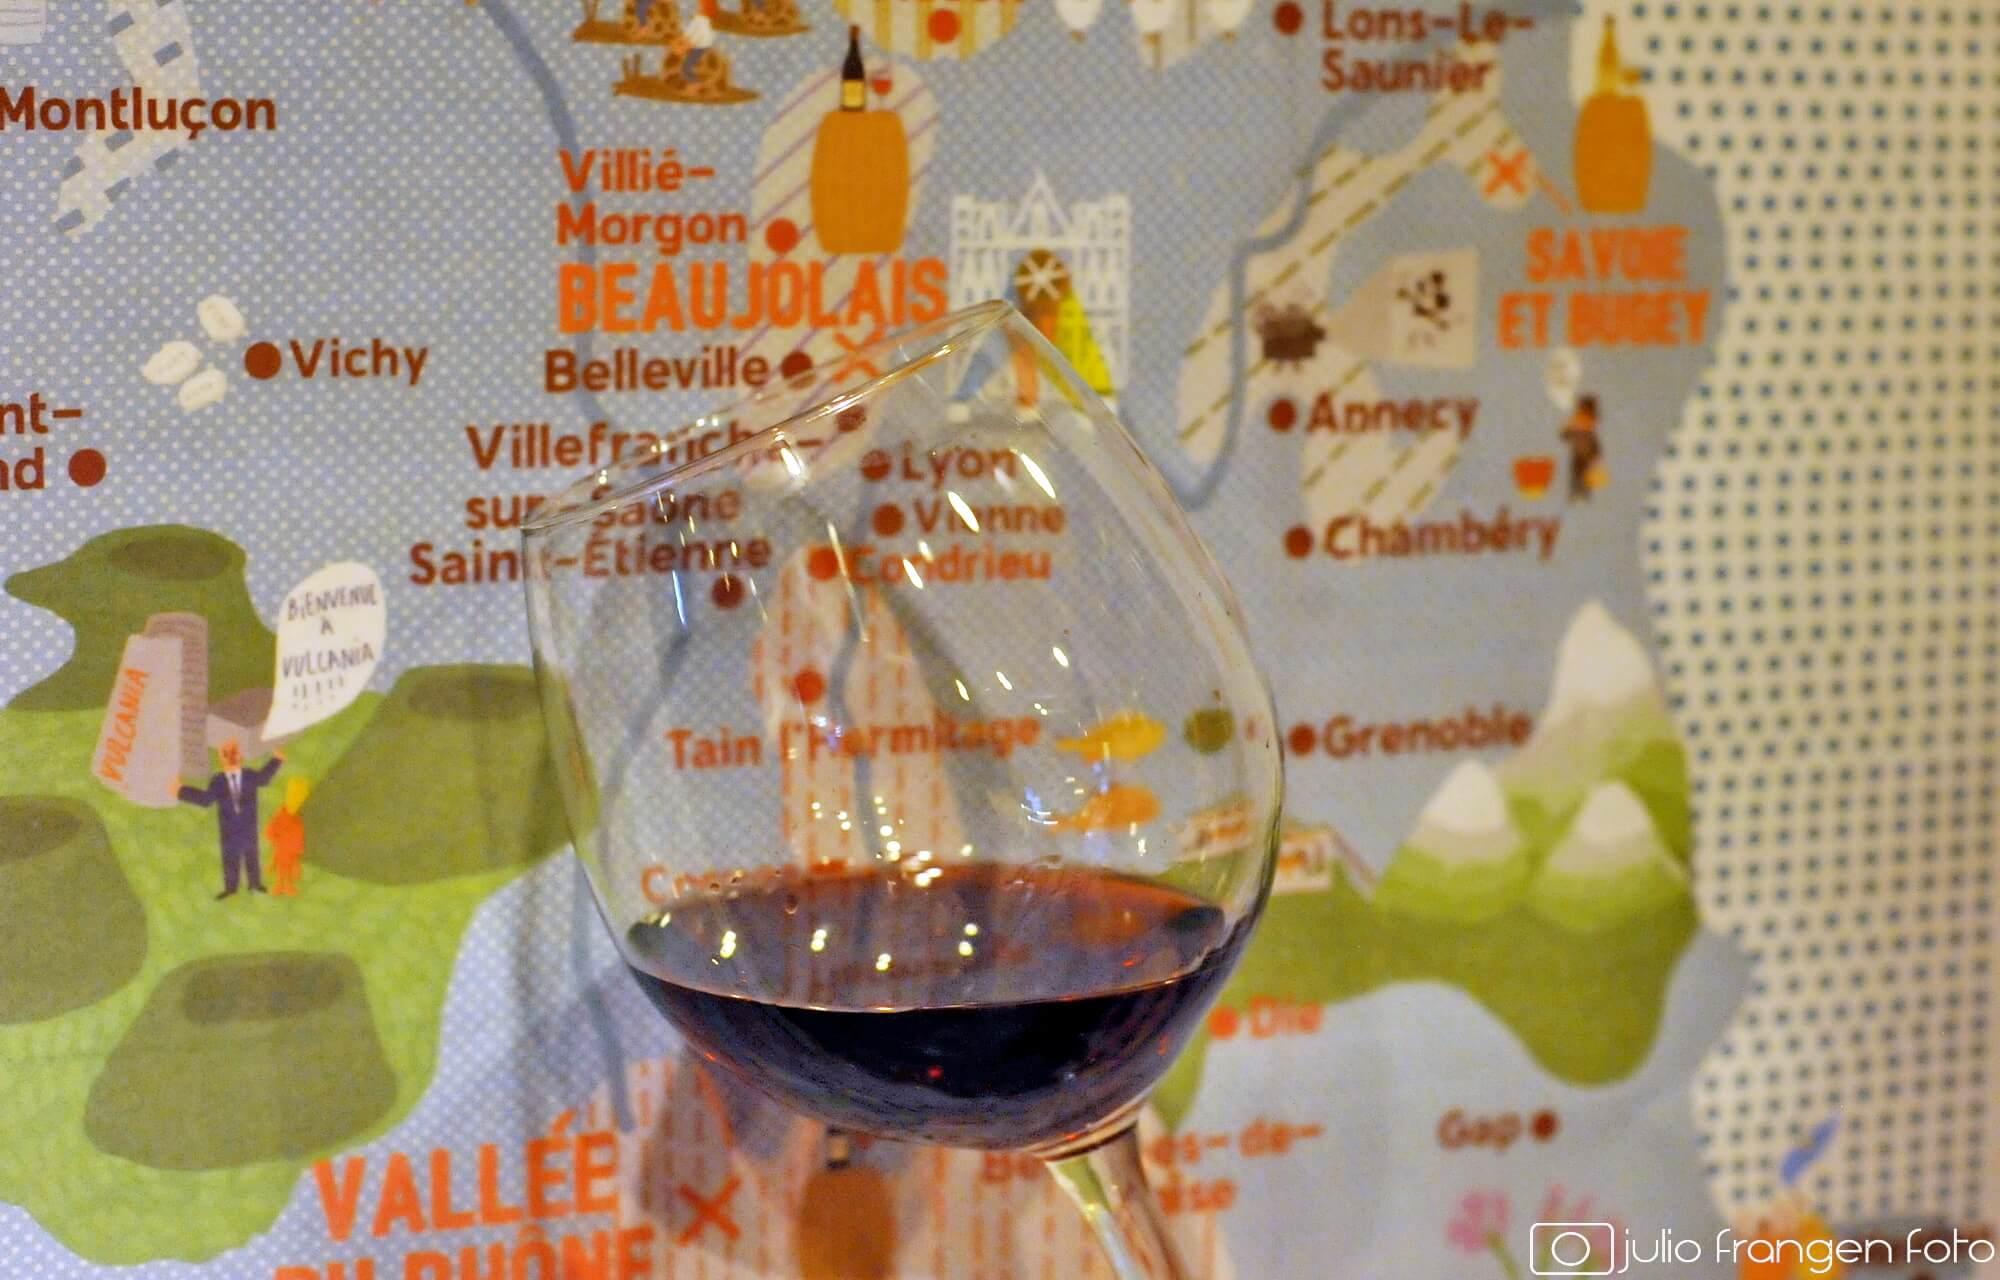 Georges Duboeuf, le célèbre négociant de vin, est mort